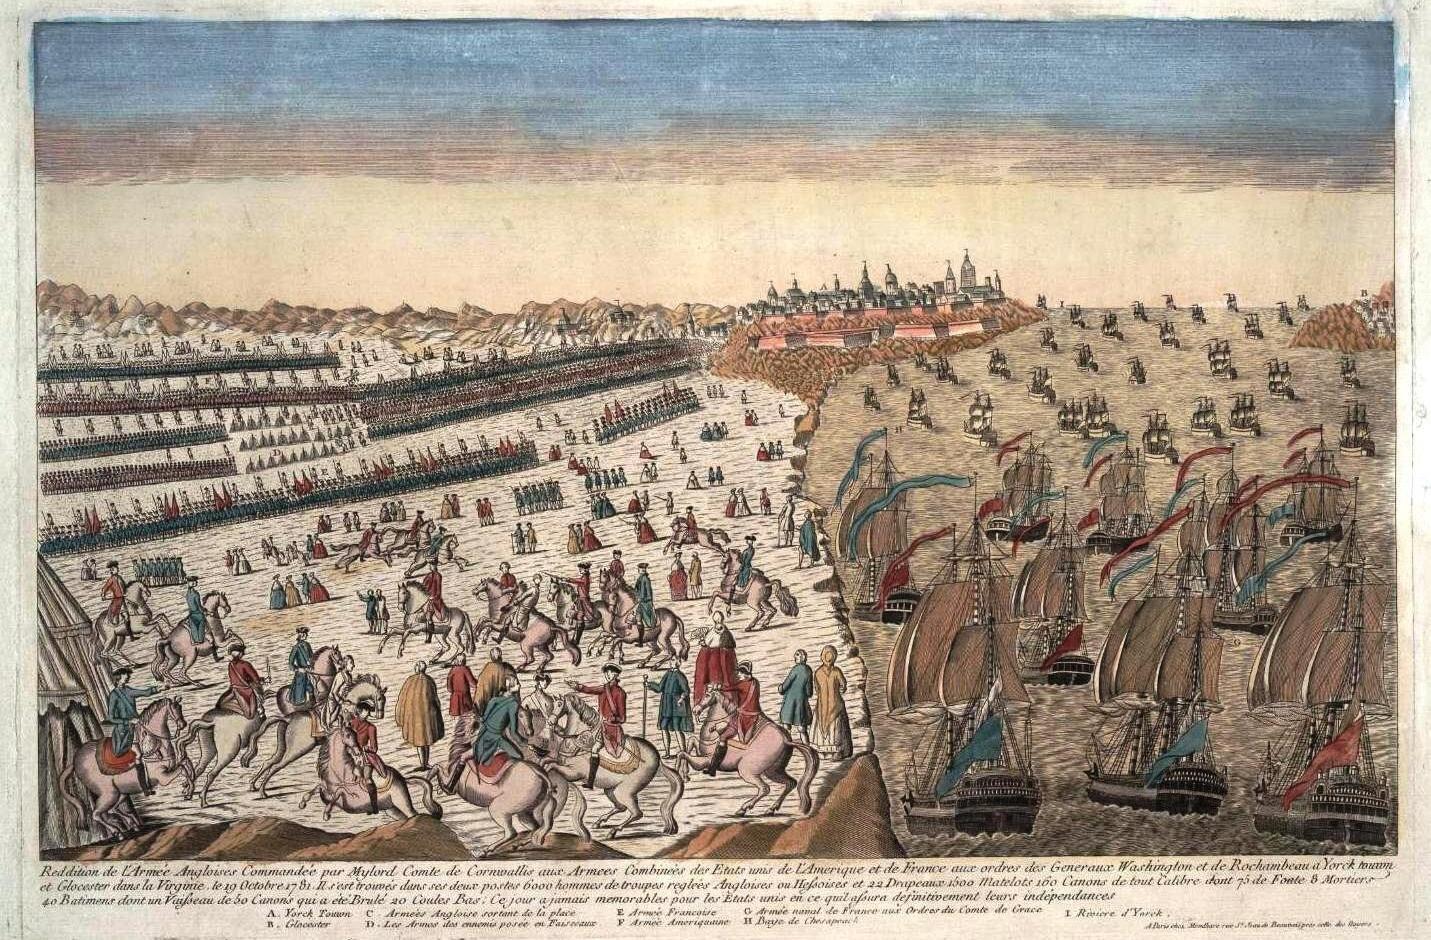 Kolorowana grafika z1781pokazująca francusko-amerykańską blokadę morką ilądową Brytyjczyków zamkniętych wYorktowne. Kolorowana grafika z1781pokazująca francusko-amerykańską blokadę morką ilądową Brytyjczyków zamkniętych wYorktowne. Źródło: 1781, domena publiczna.